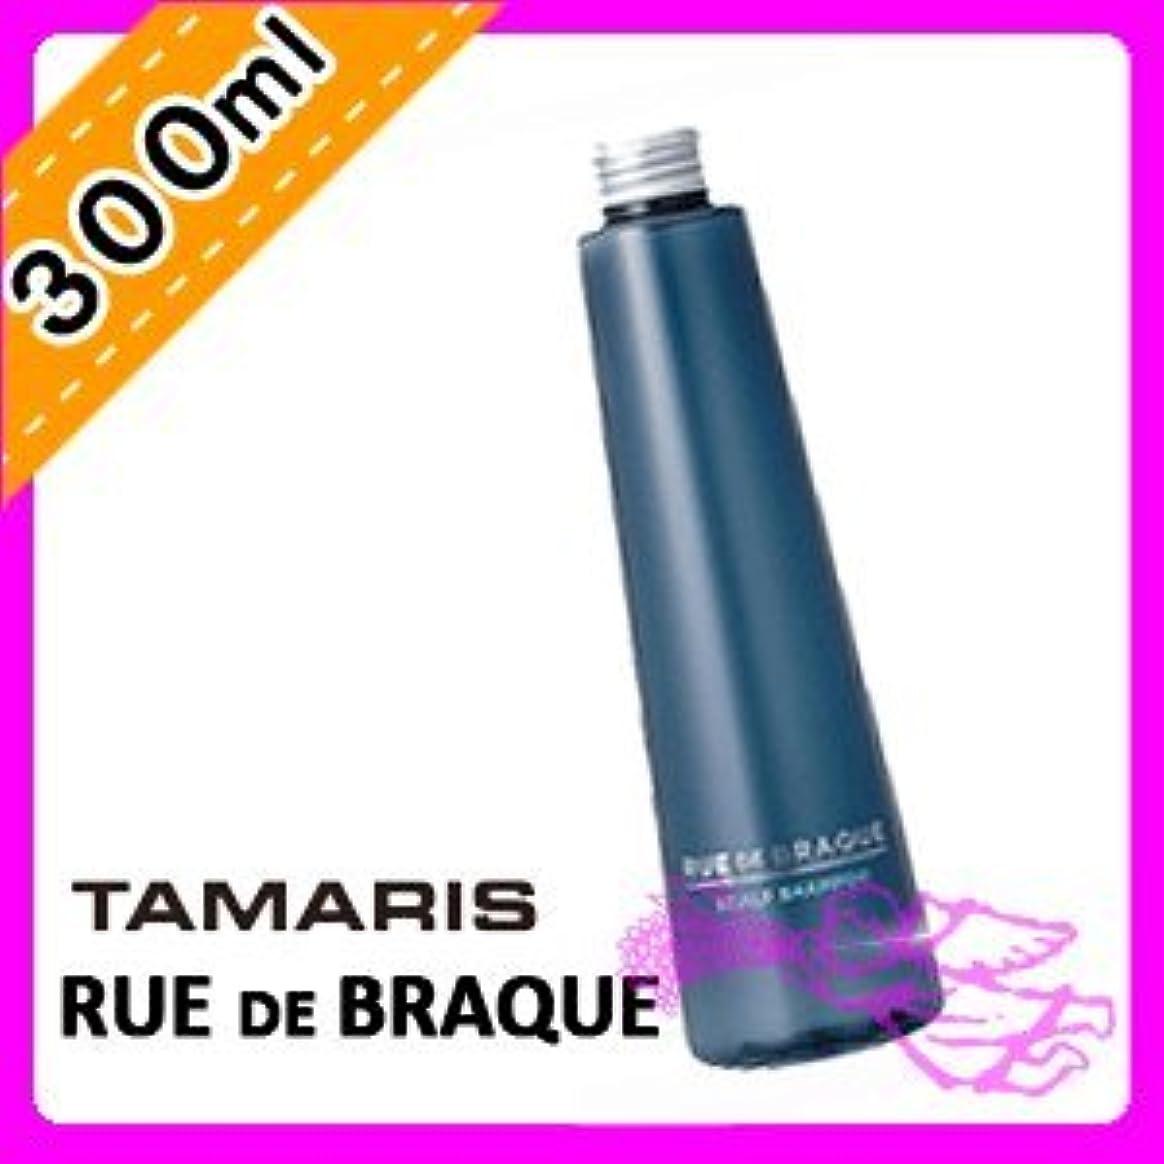 歌う床ありがたいタマリス ルードブラック スキャルプシャンプー 300ml TAMARIS RUE DE BRAQUE